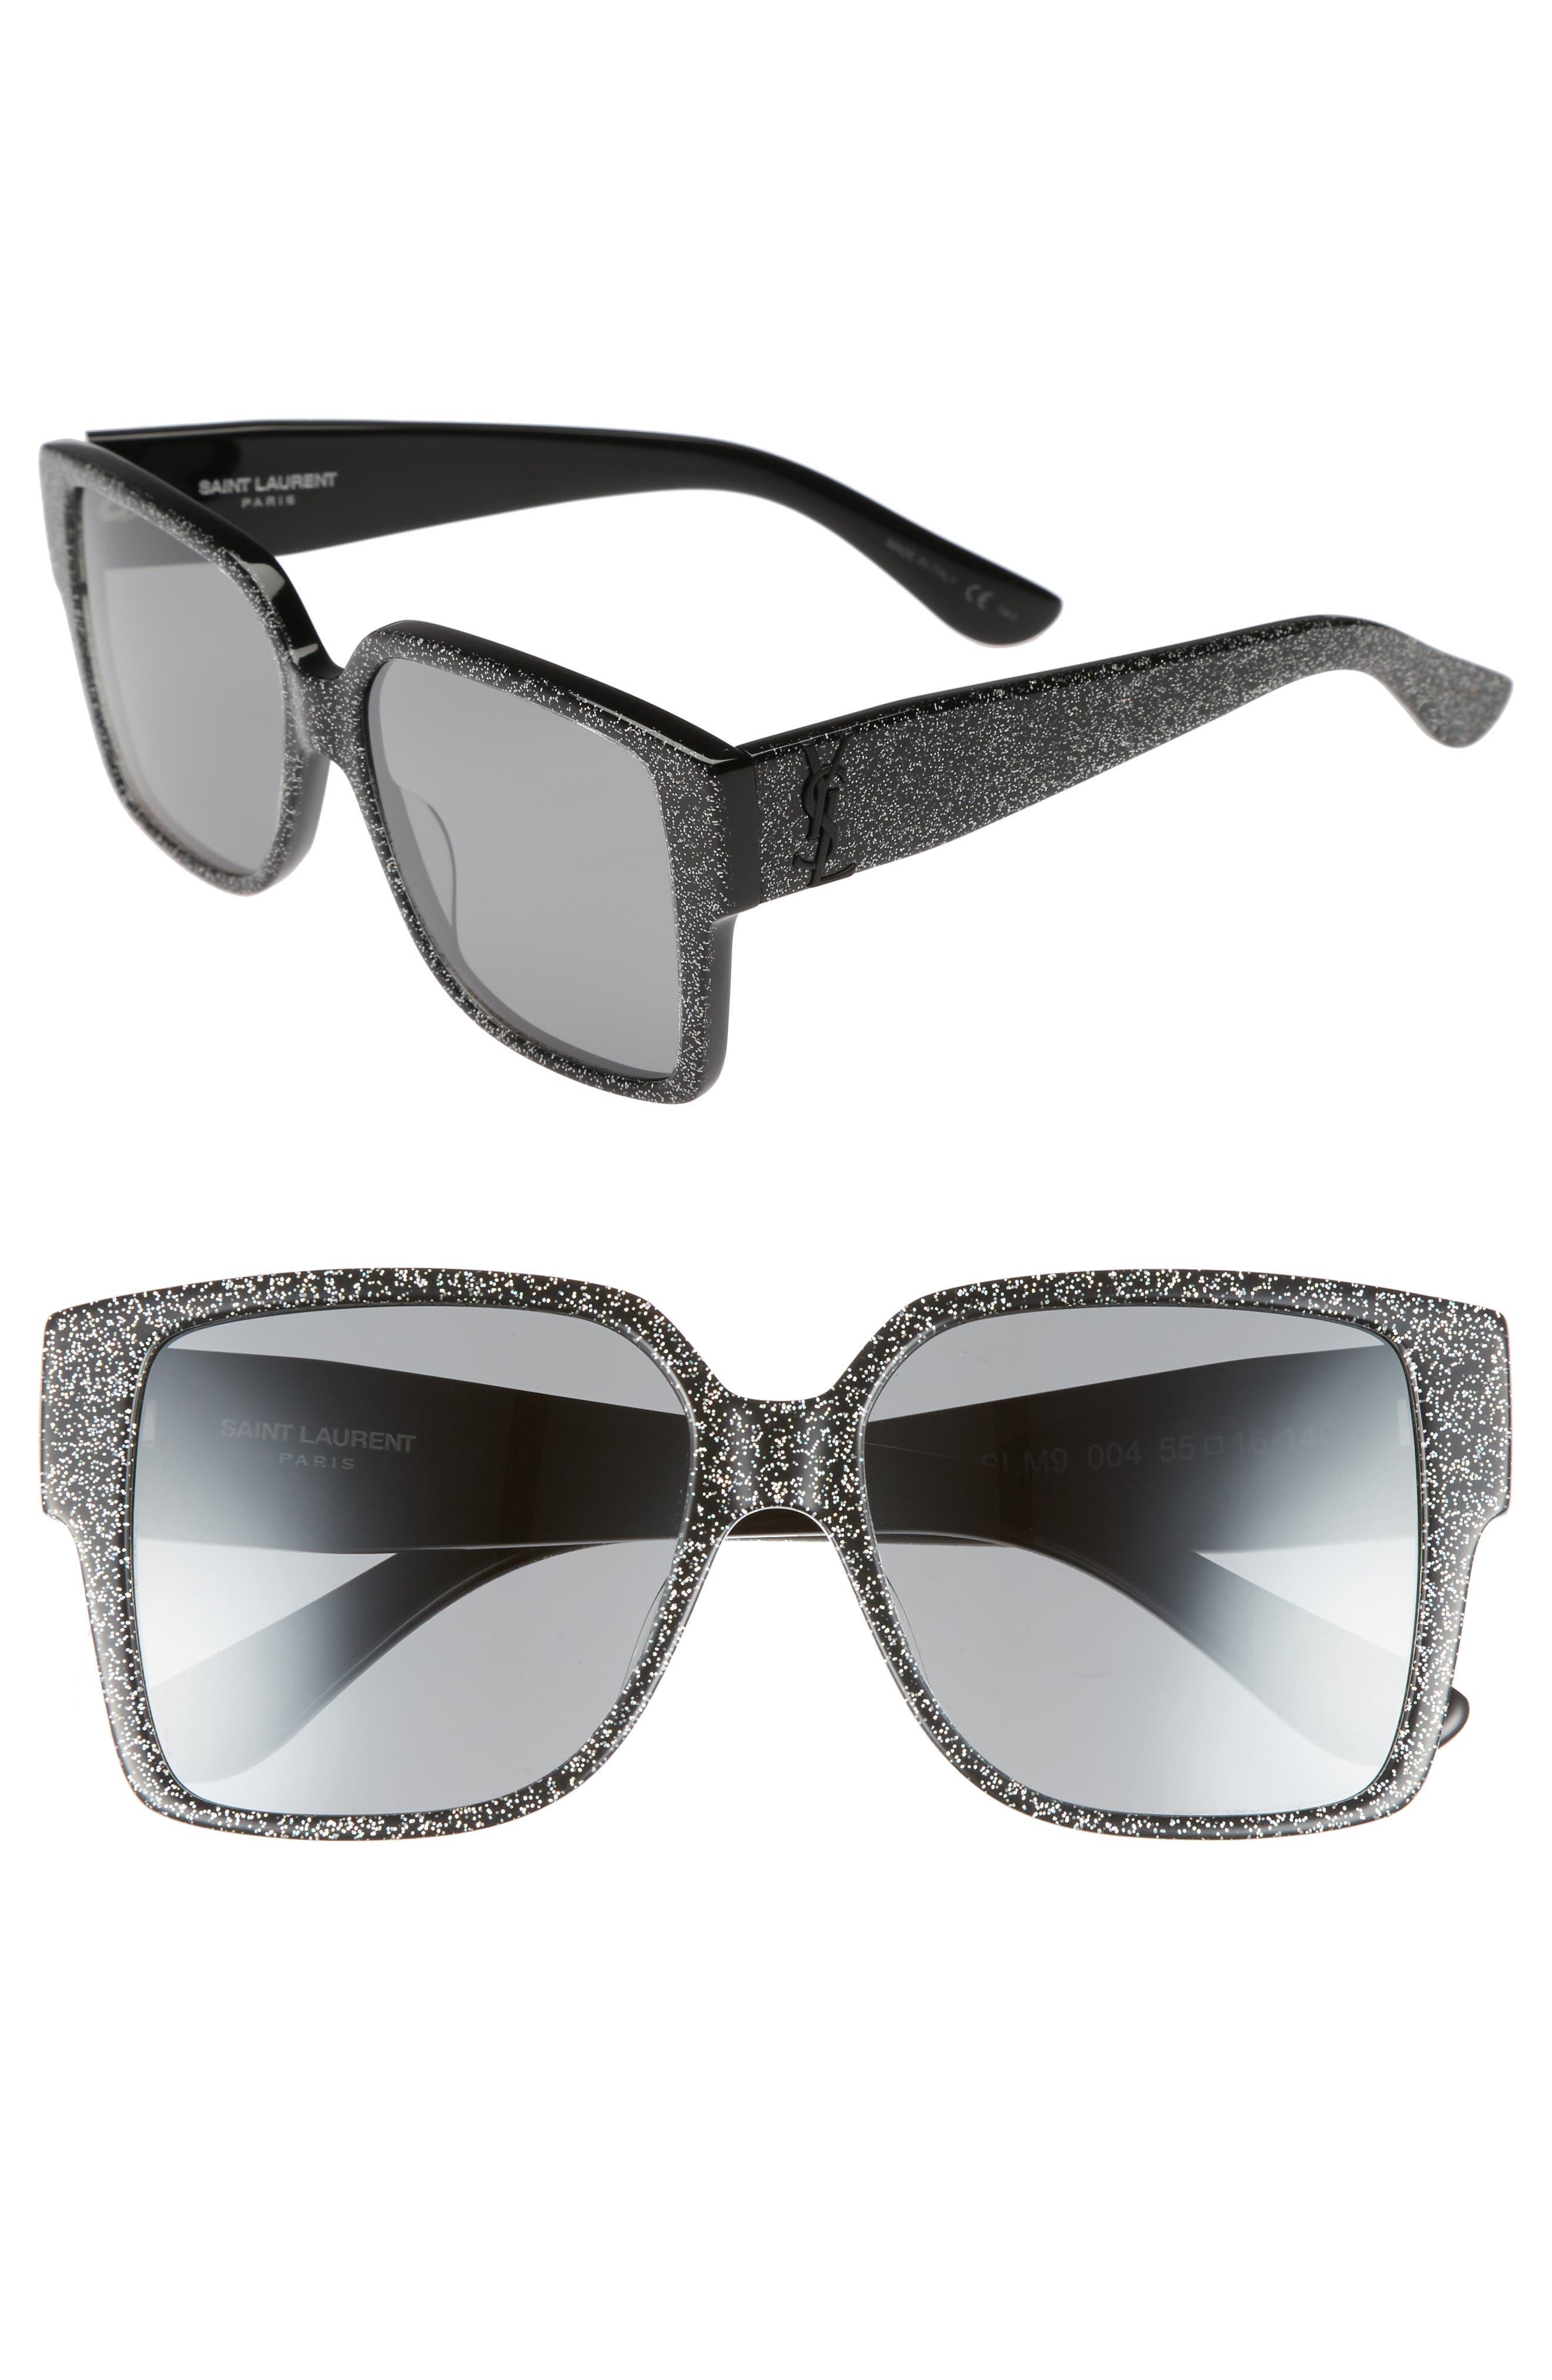 SAINT LAURENT, 55mm Square Sunglasses, Main thumbnail 1, color, MULTI/ SILVER